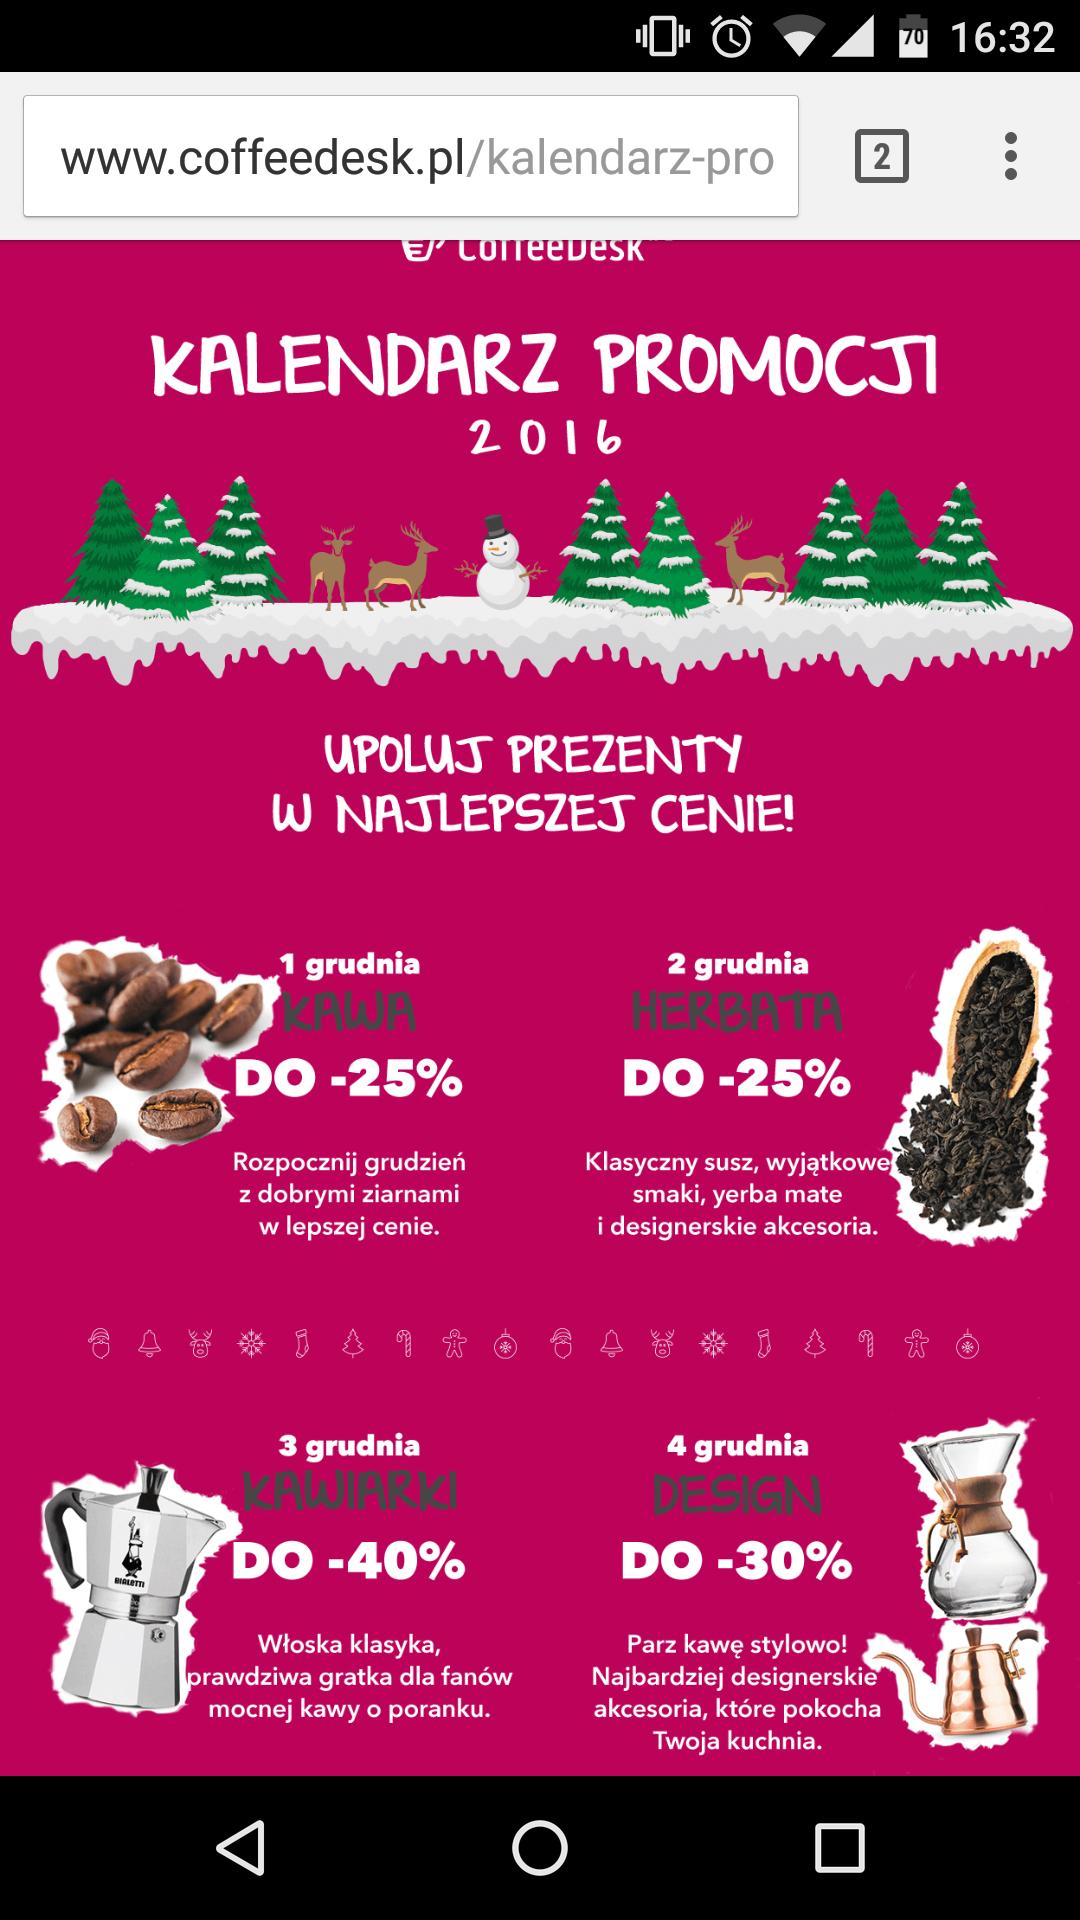 Rabat na kawę i akcesoria do -40%